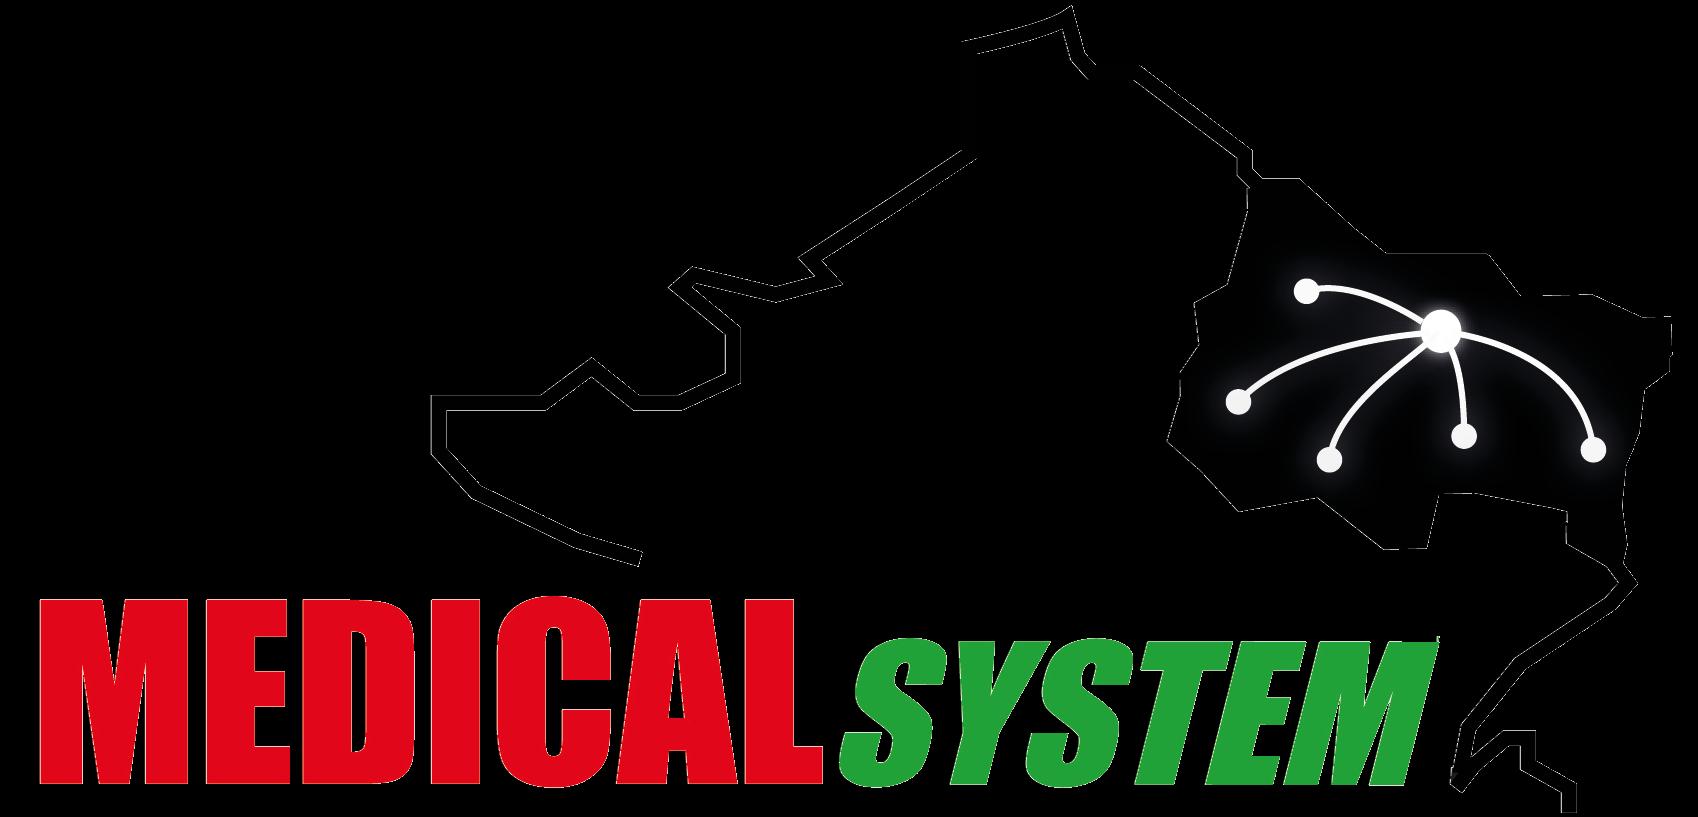 MEDICAL SYSTEM